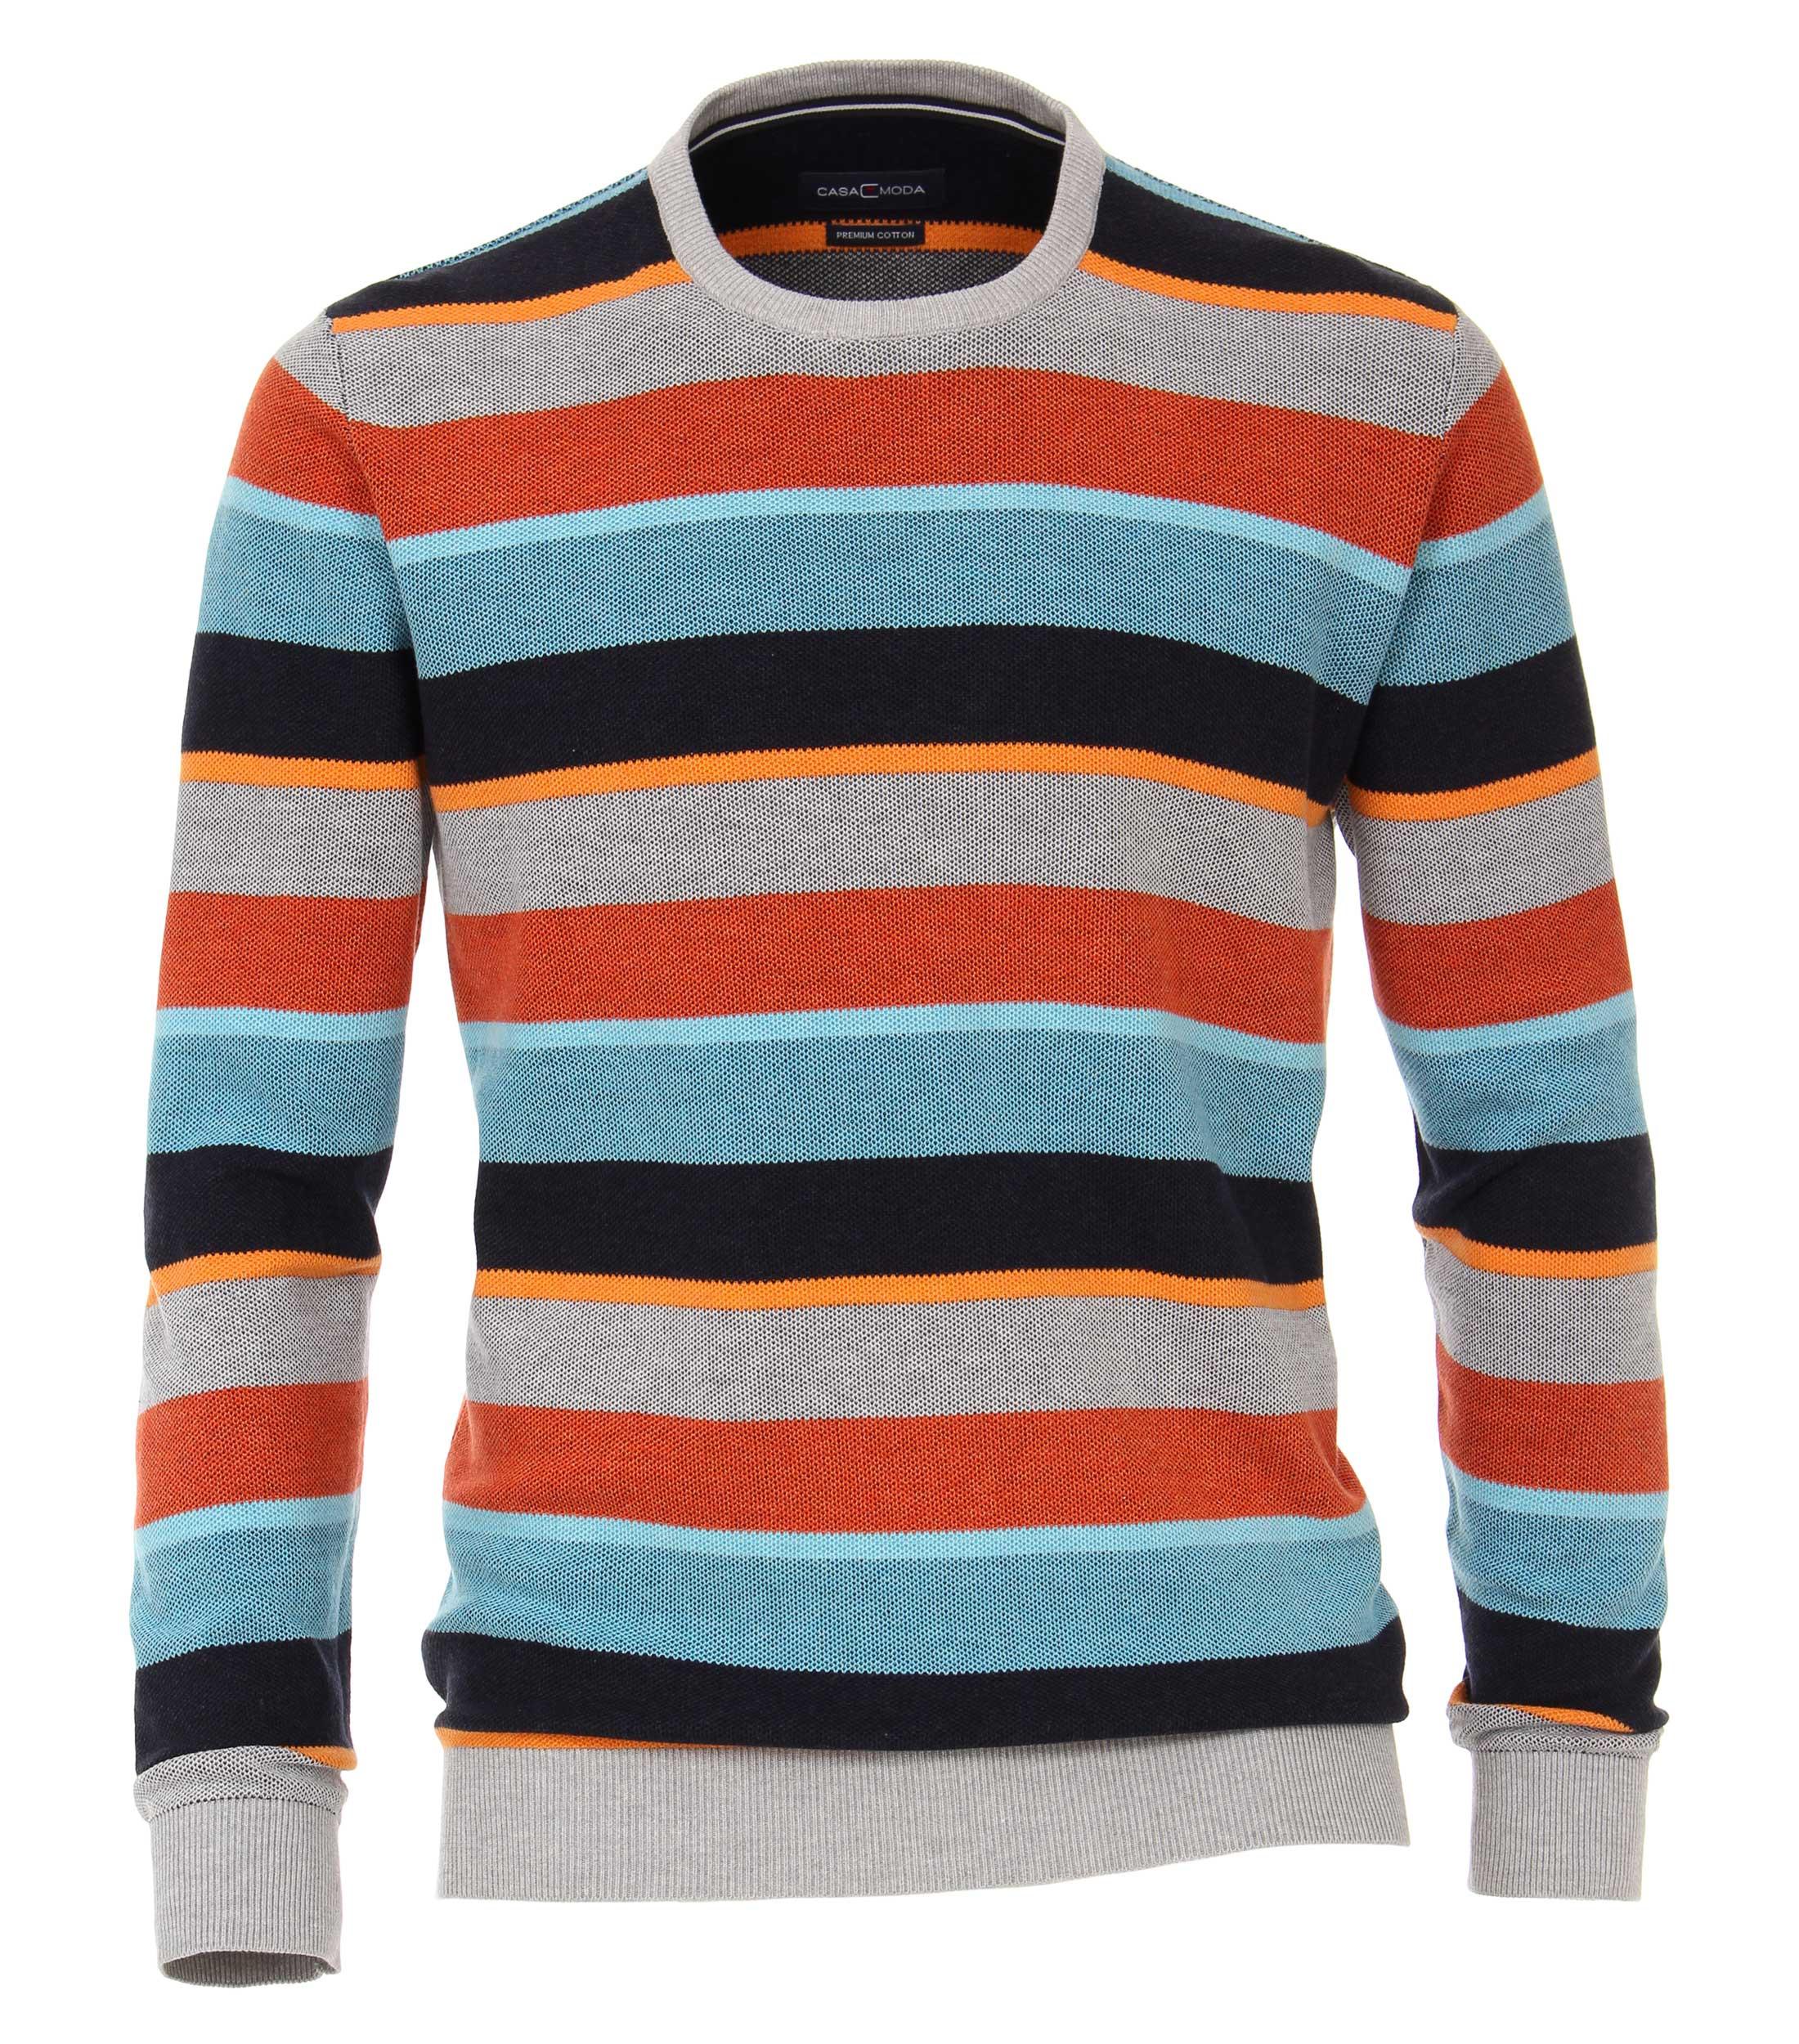 pullover van merk Casa Moda in de kleur oranje, gemaakt van 90% katoen 10% polyamide.